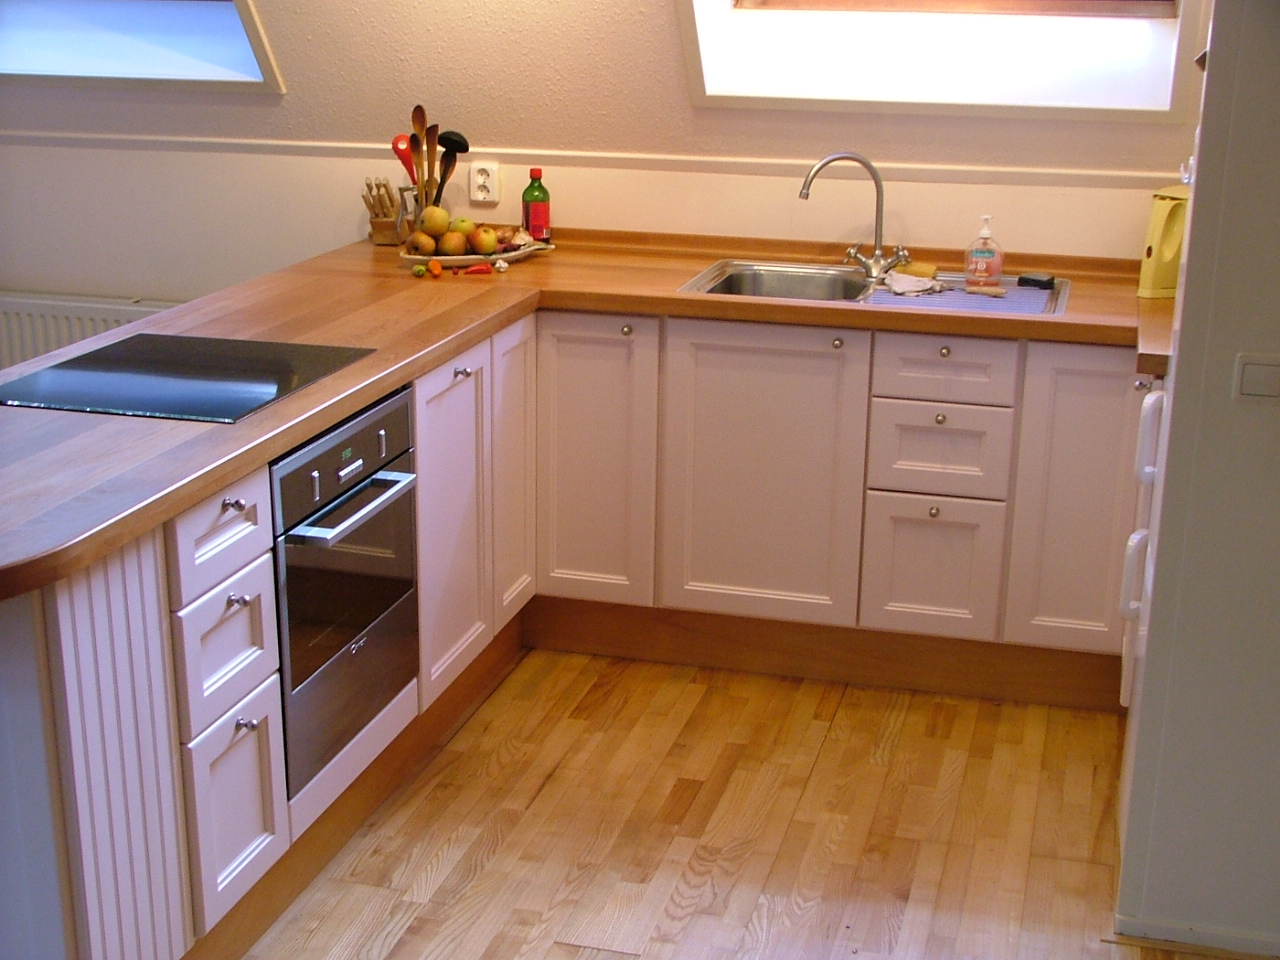 Maatwerk keuken in landelijke stijl.